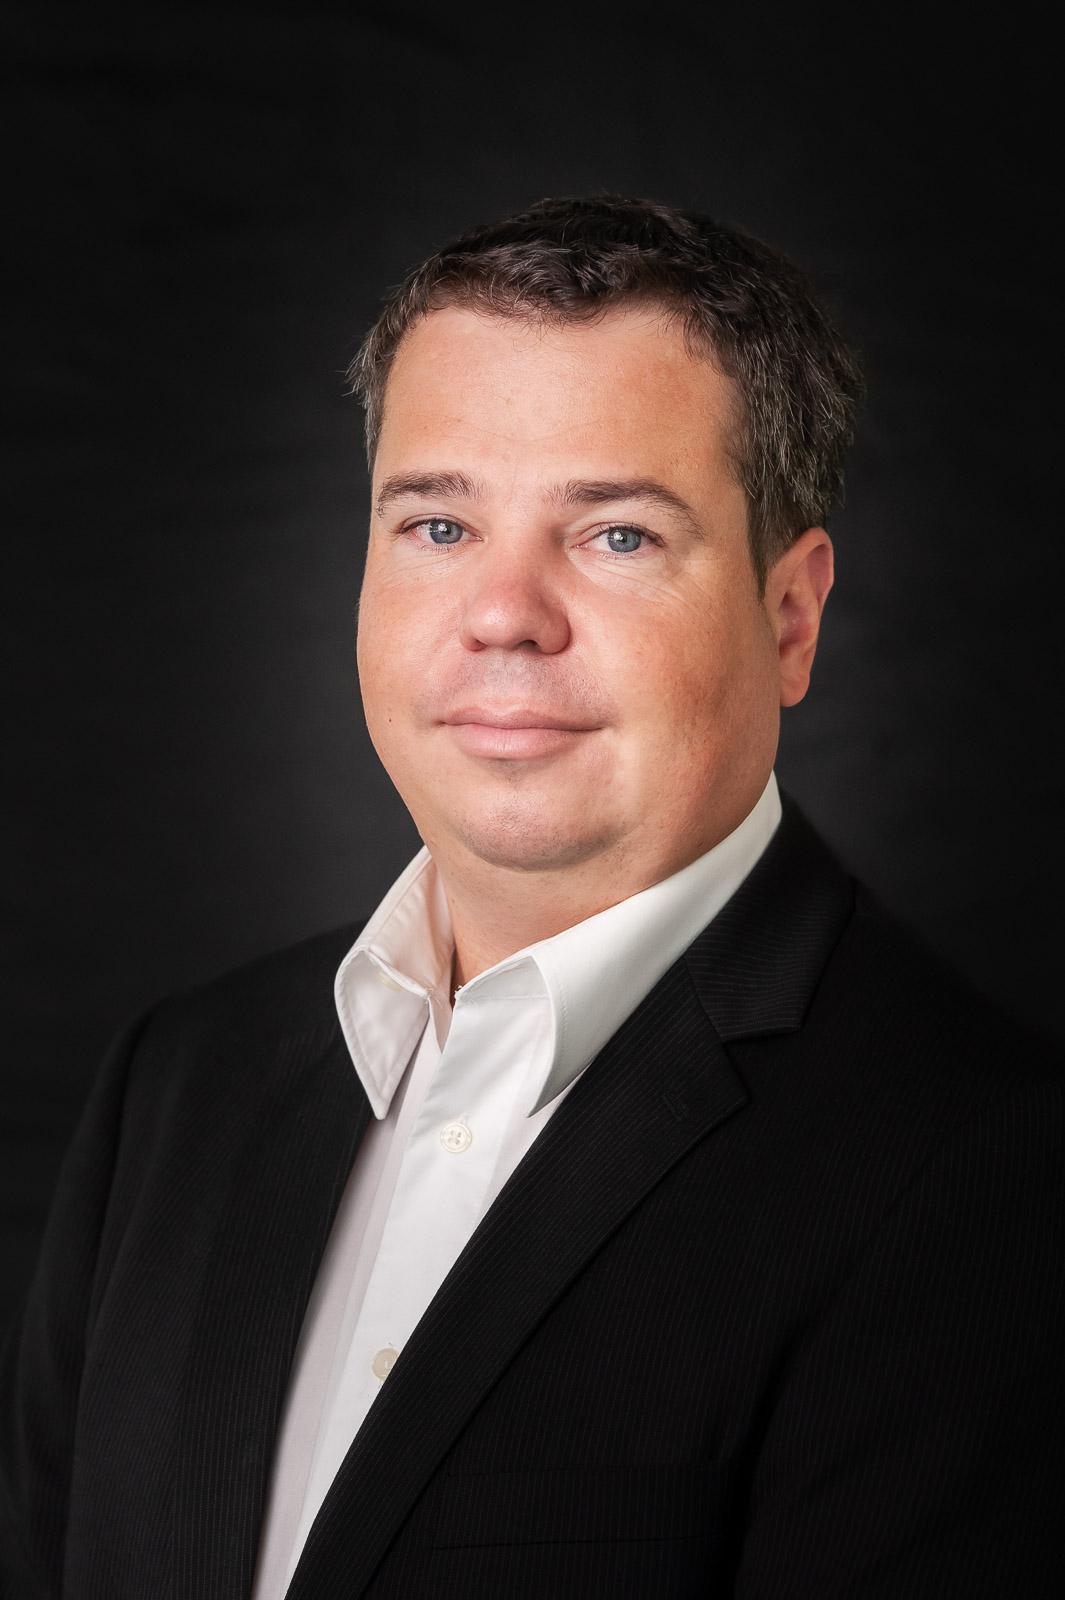 Bernd Lippe